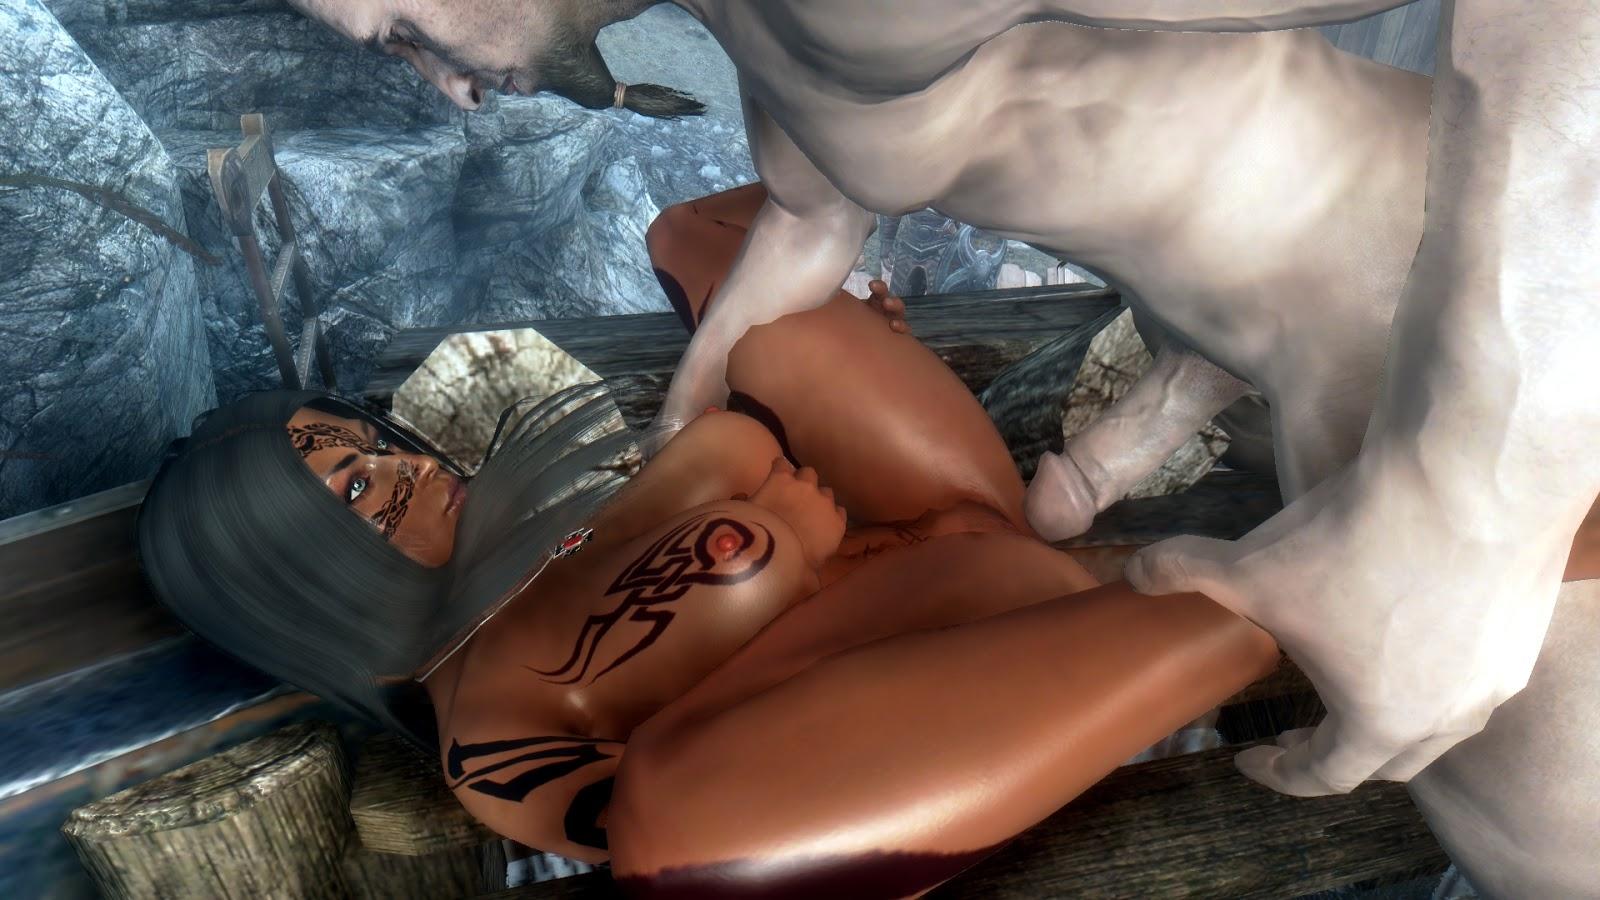 Skyrim adult mods nude adult clip